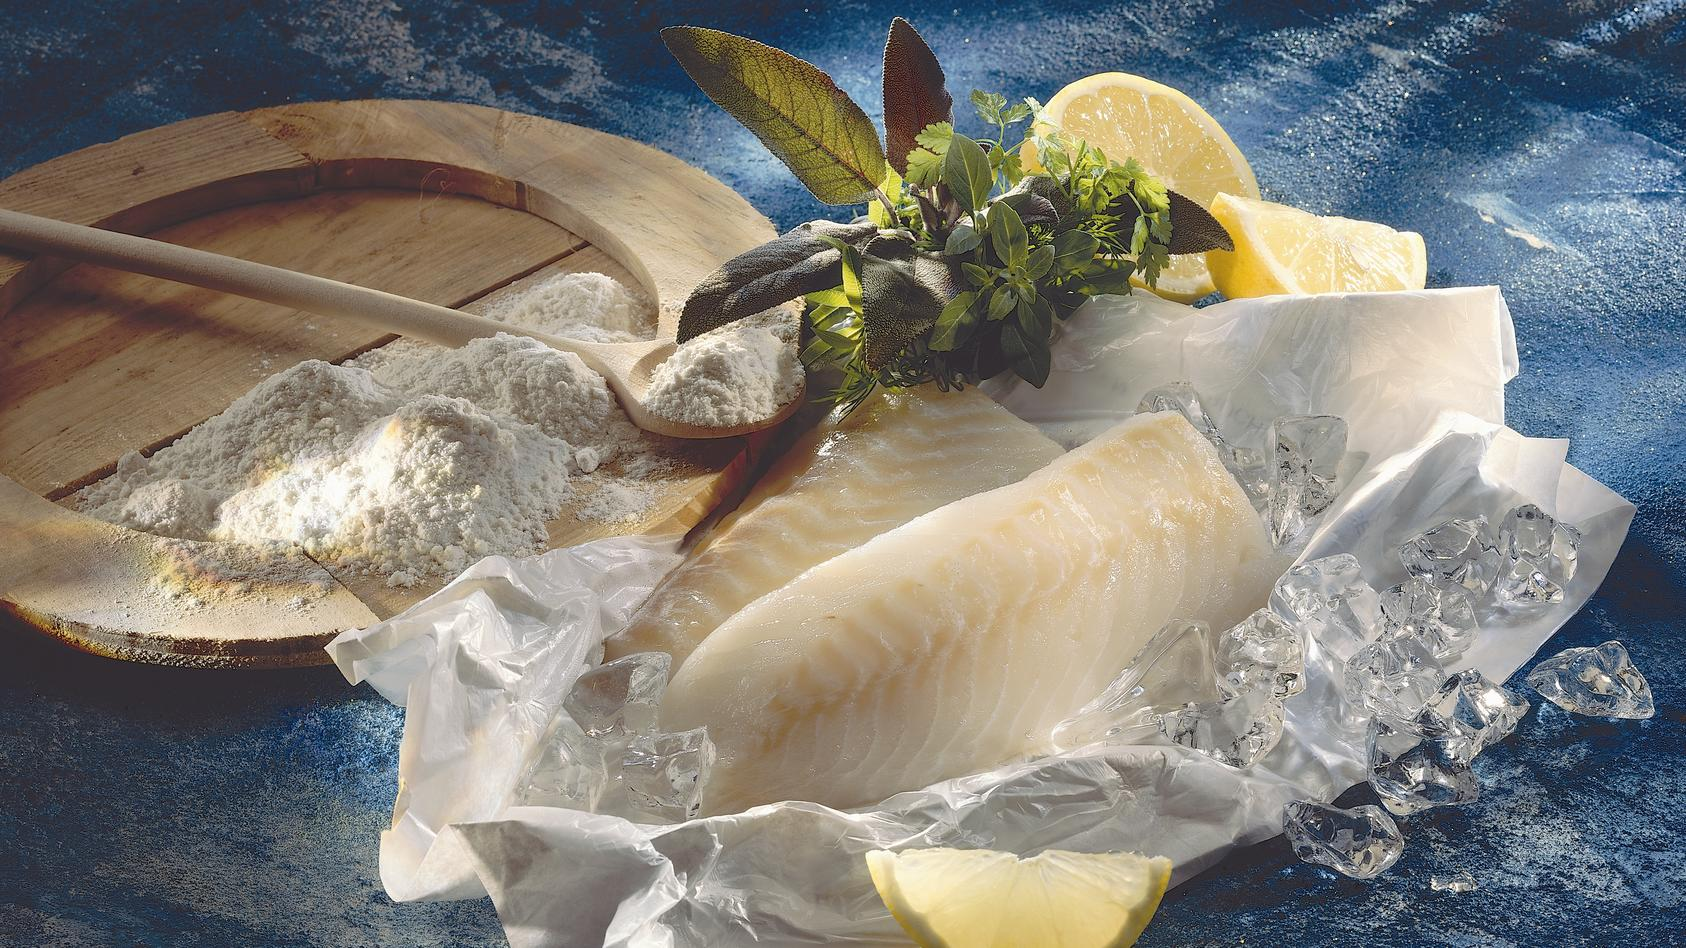 Tiefgekühltes Fischfilet: Wie nachhaltig ist es wirklich?